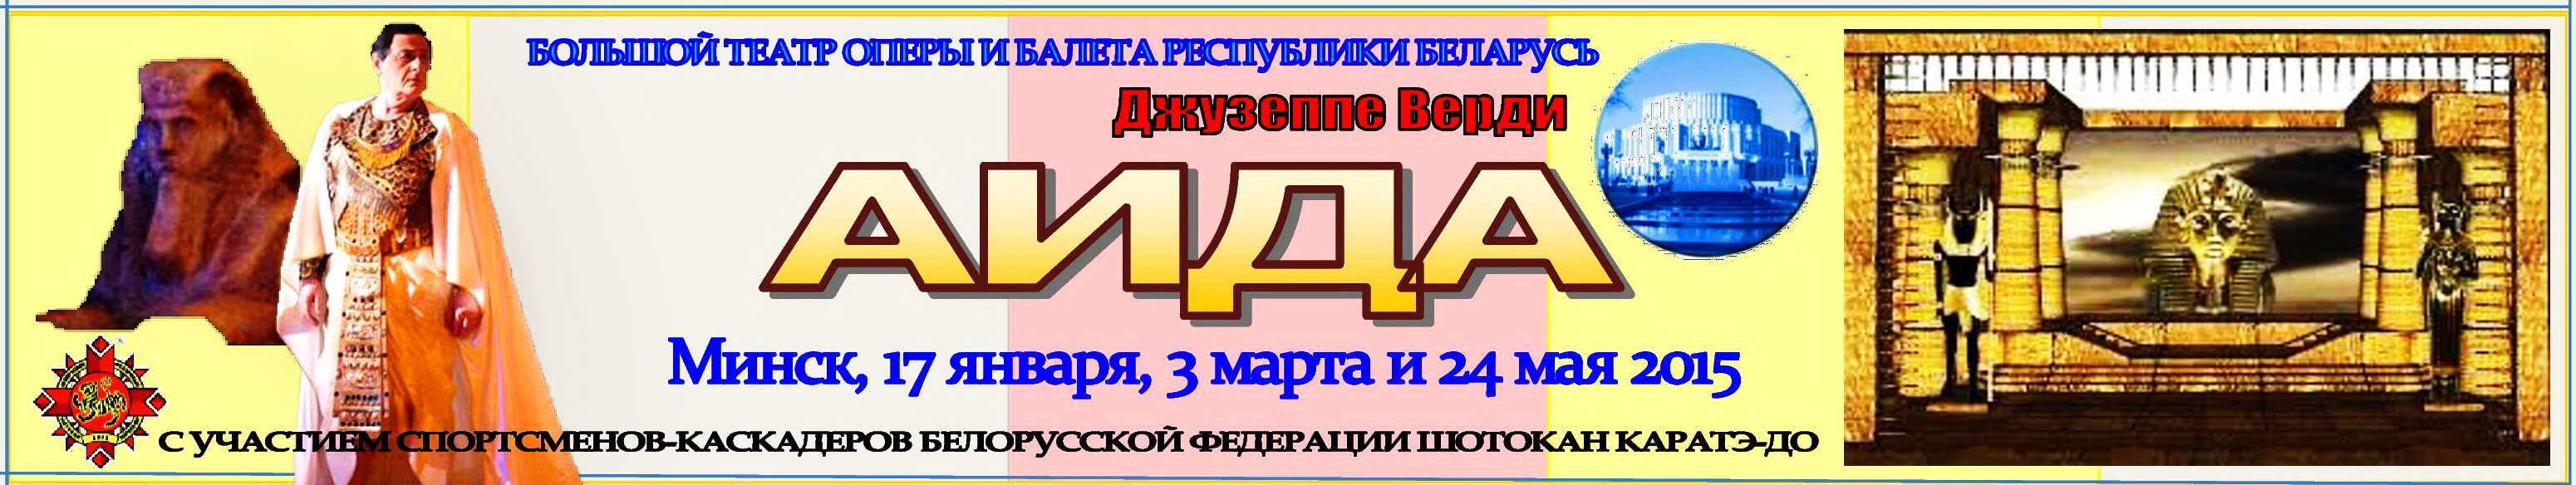 Аида 2015-01 2015-03 2015-05 Баннер+